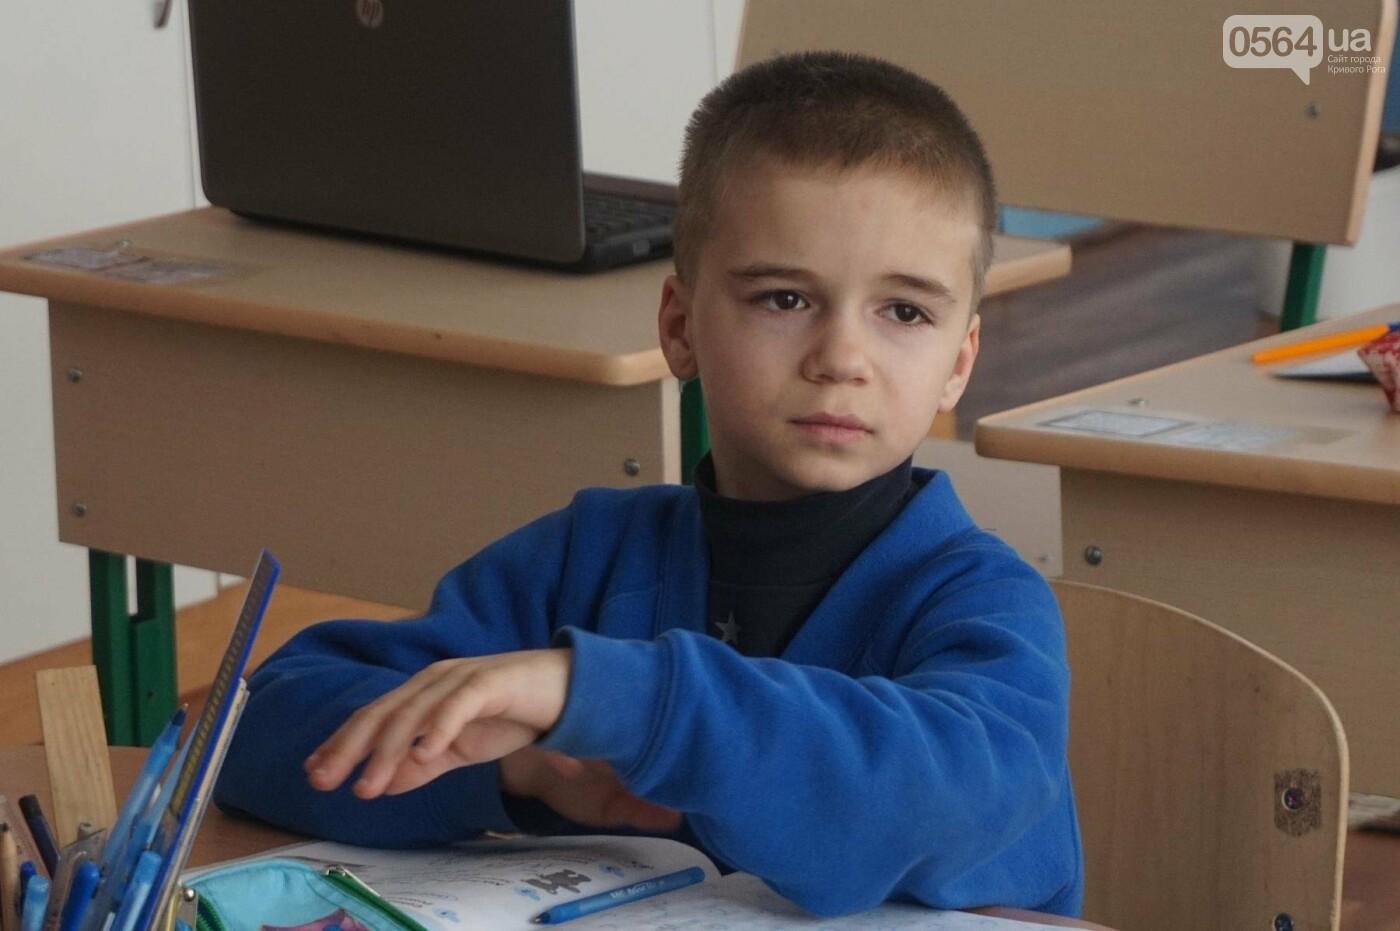 Приближаясь к Европе: Как в школах Кривого Рога внедряют инклюзию (ФОТО), фото-22